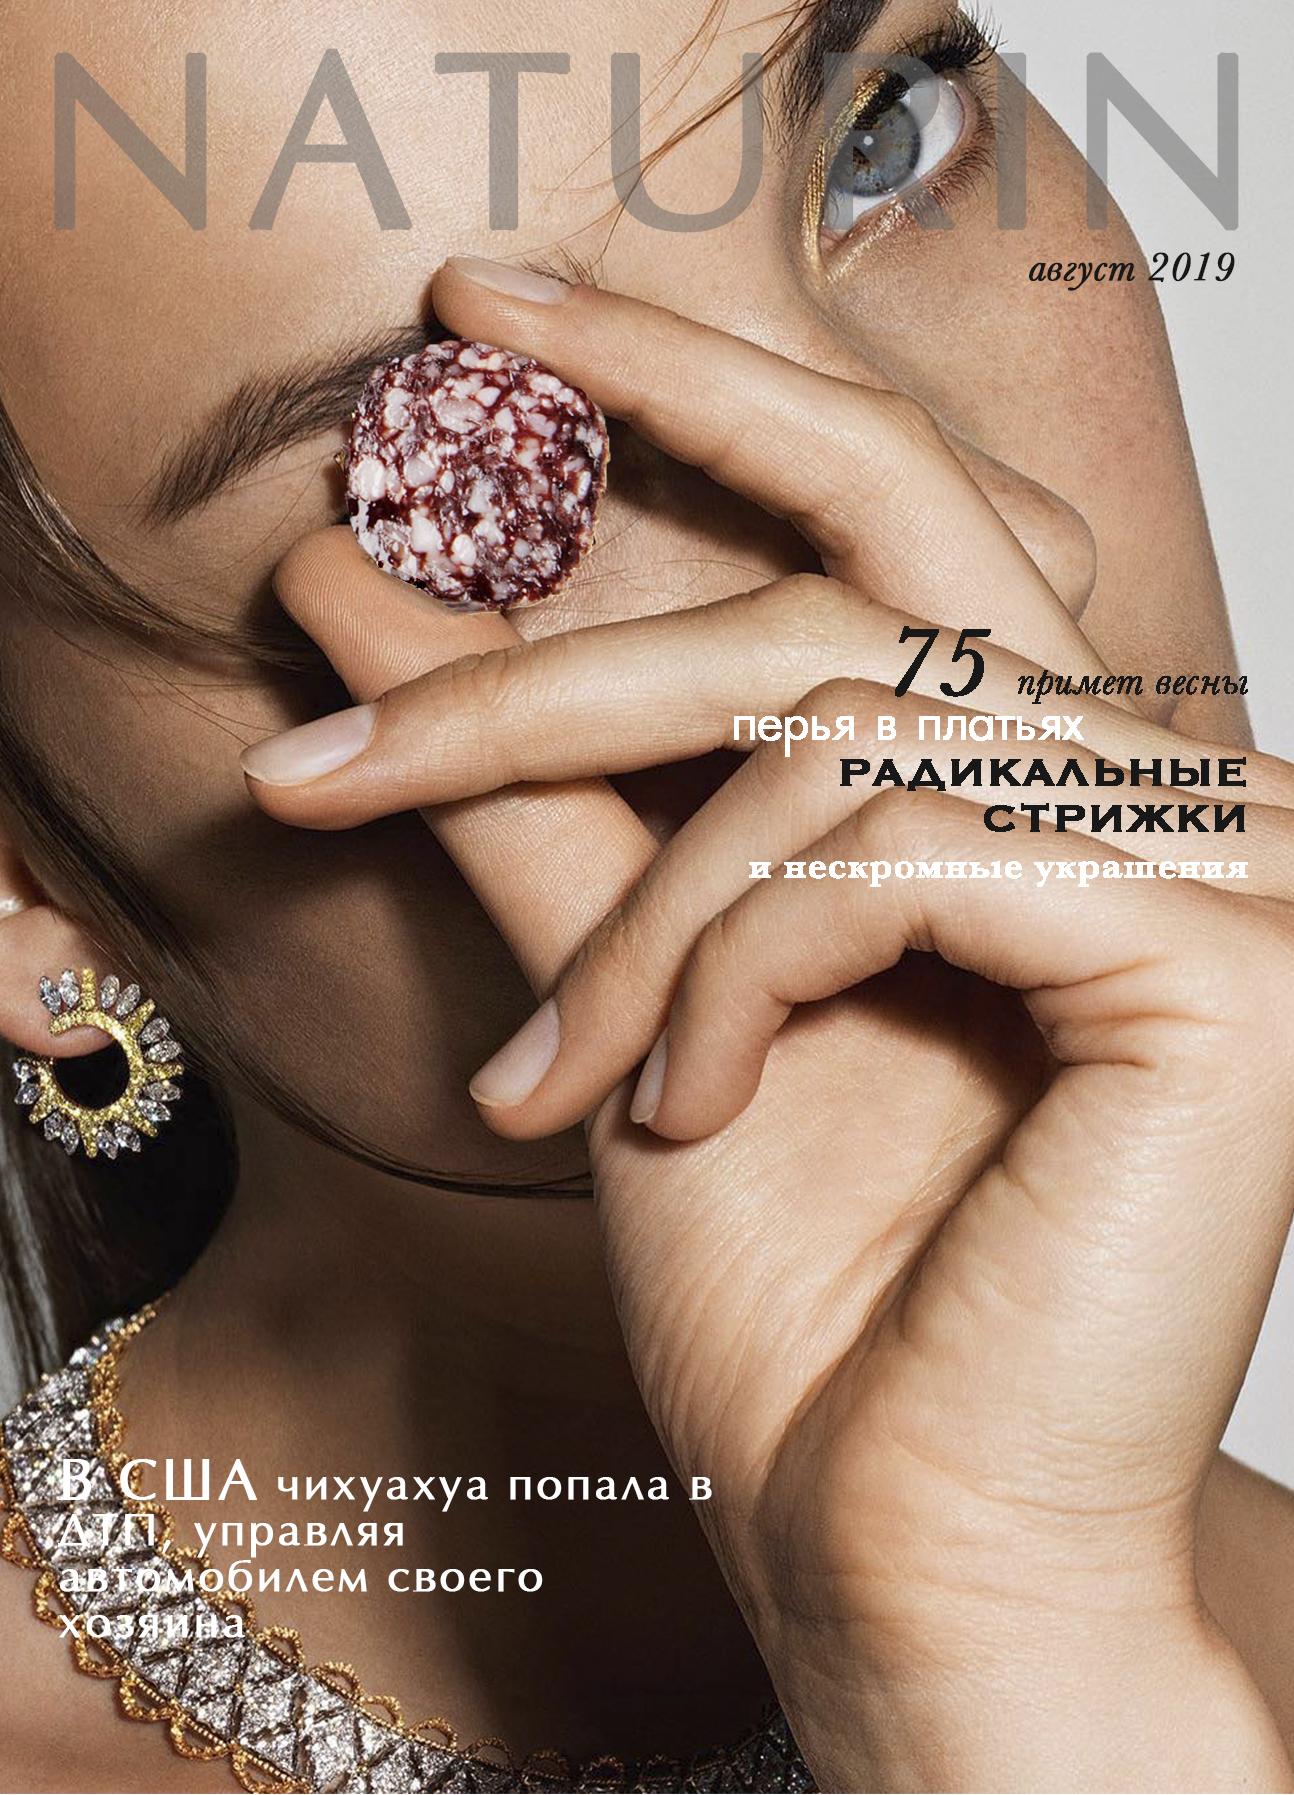 Полиграфический дизайн, Журнальный дизайн, Коллаж.  фото f_2575d6bc8ca35c70.jpg